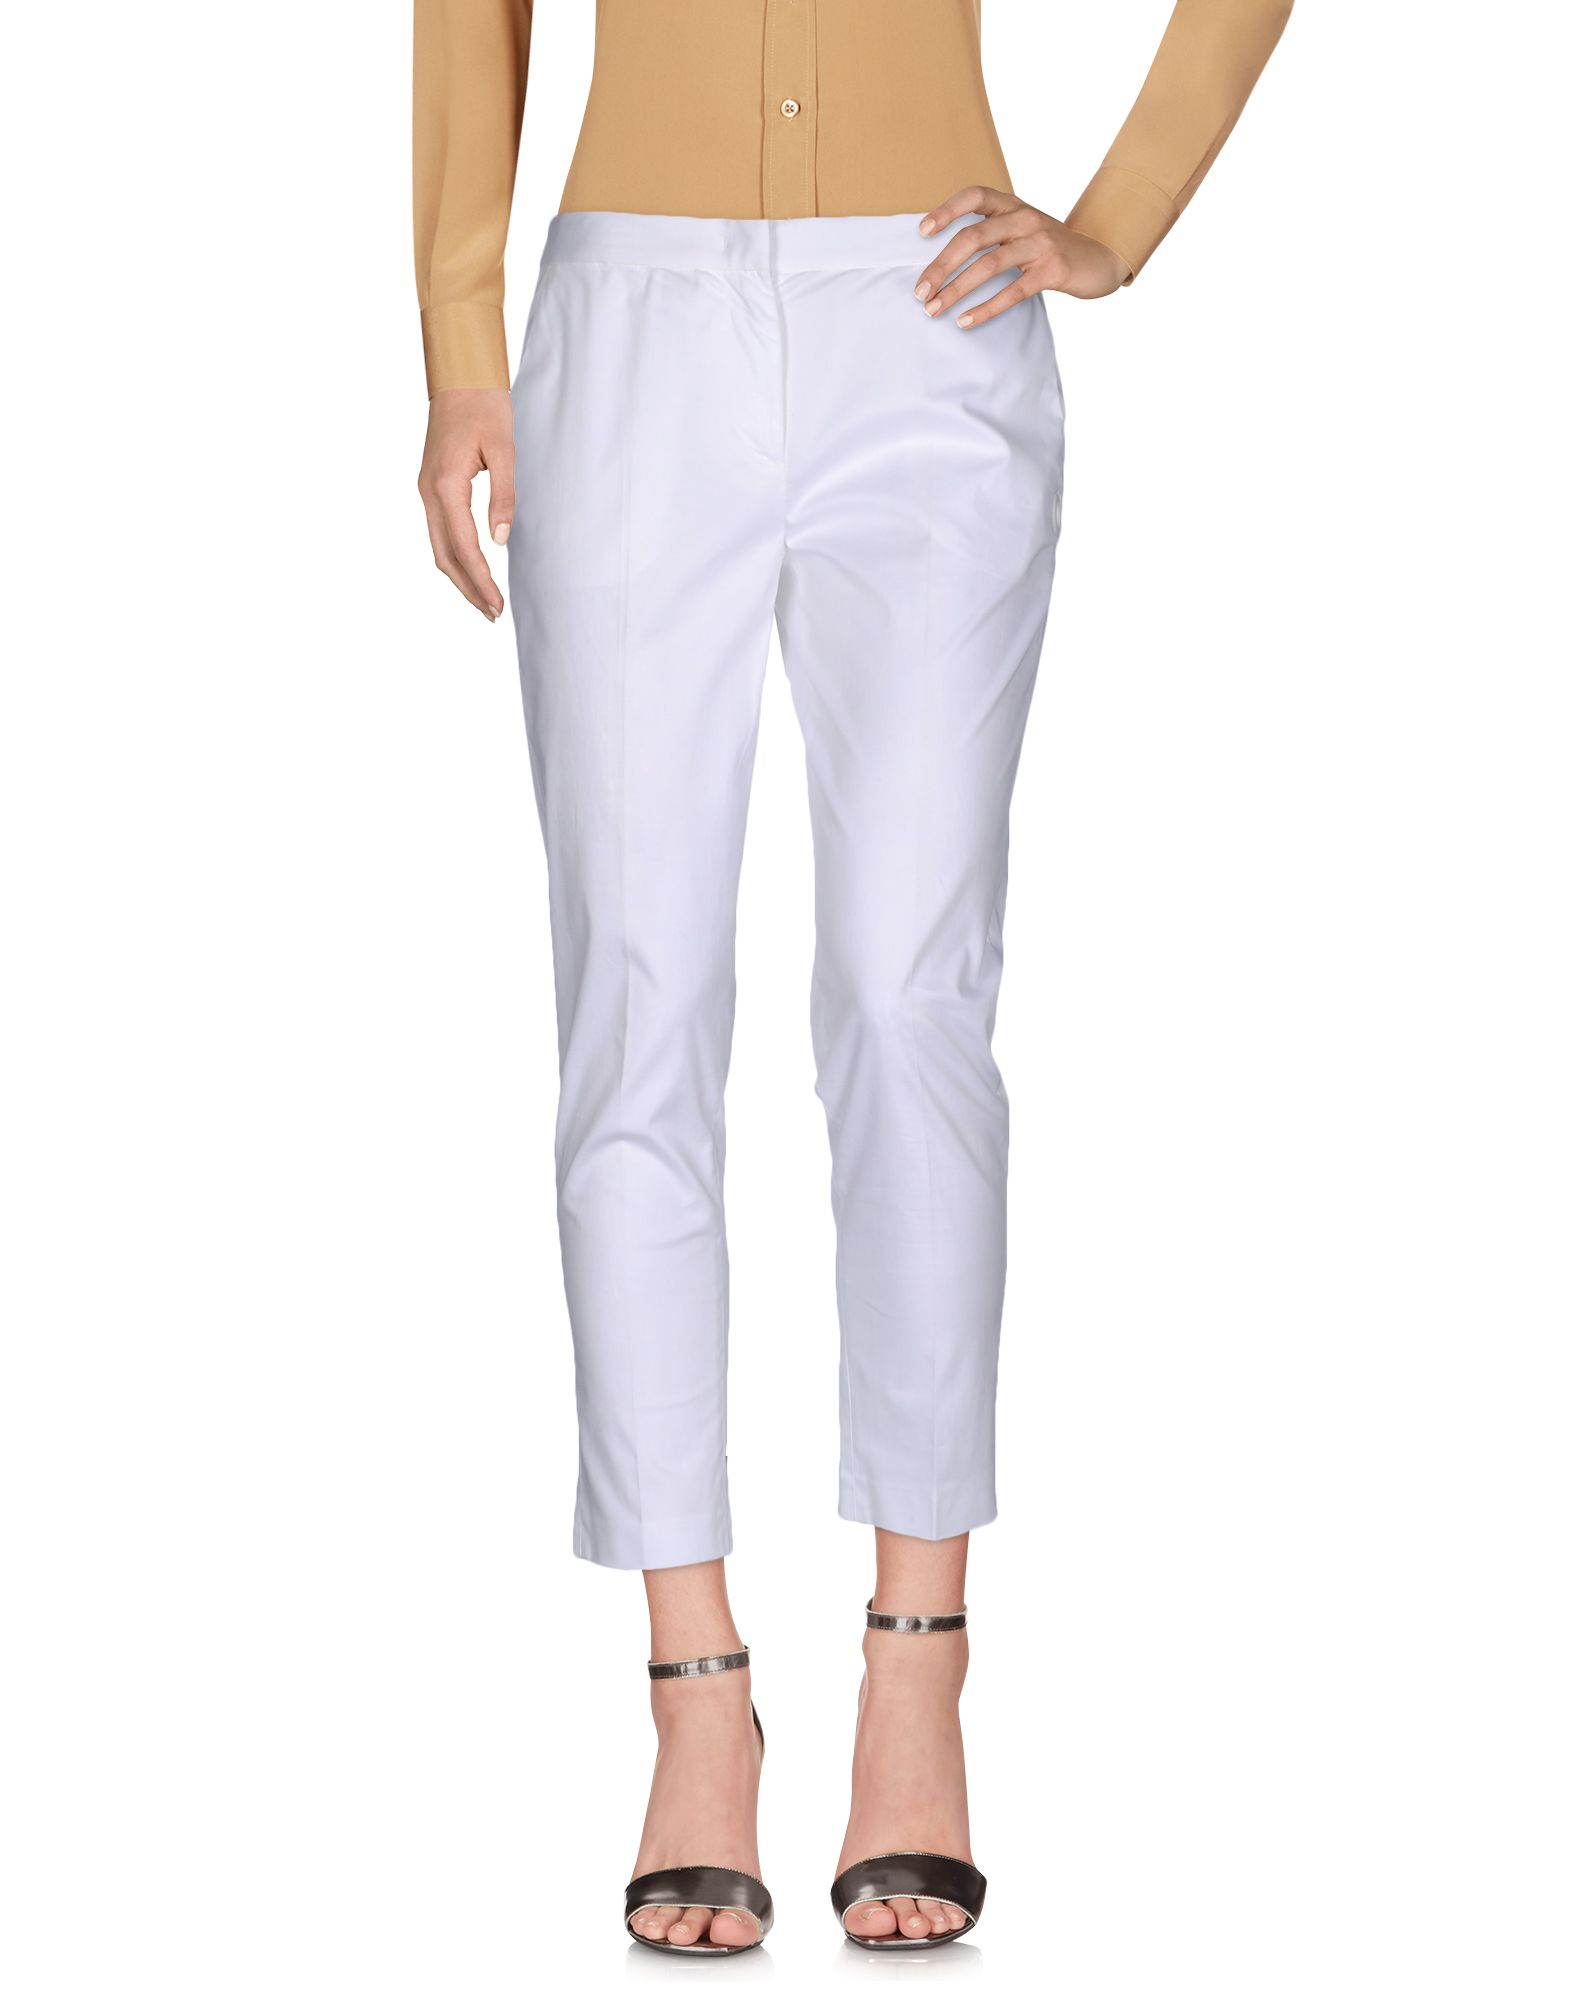 ICEBERG Damen Hose Farbe Weiß Größe 5